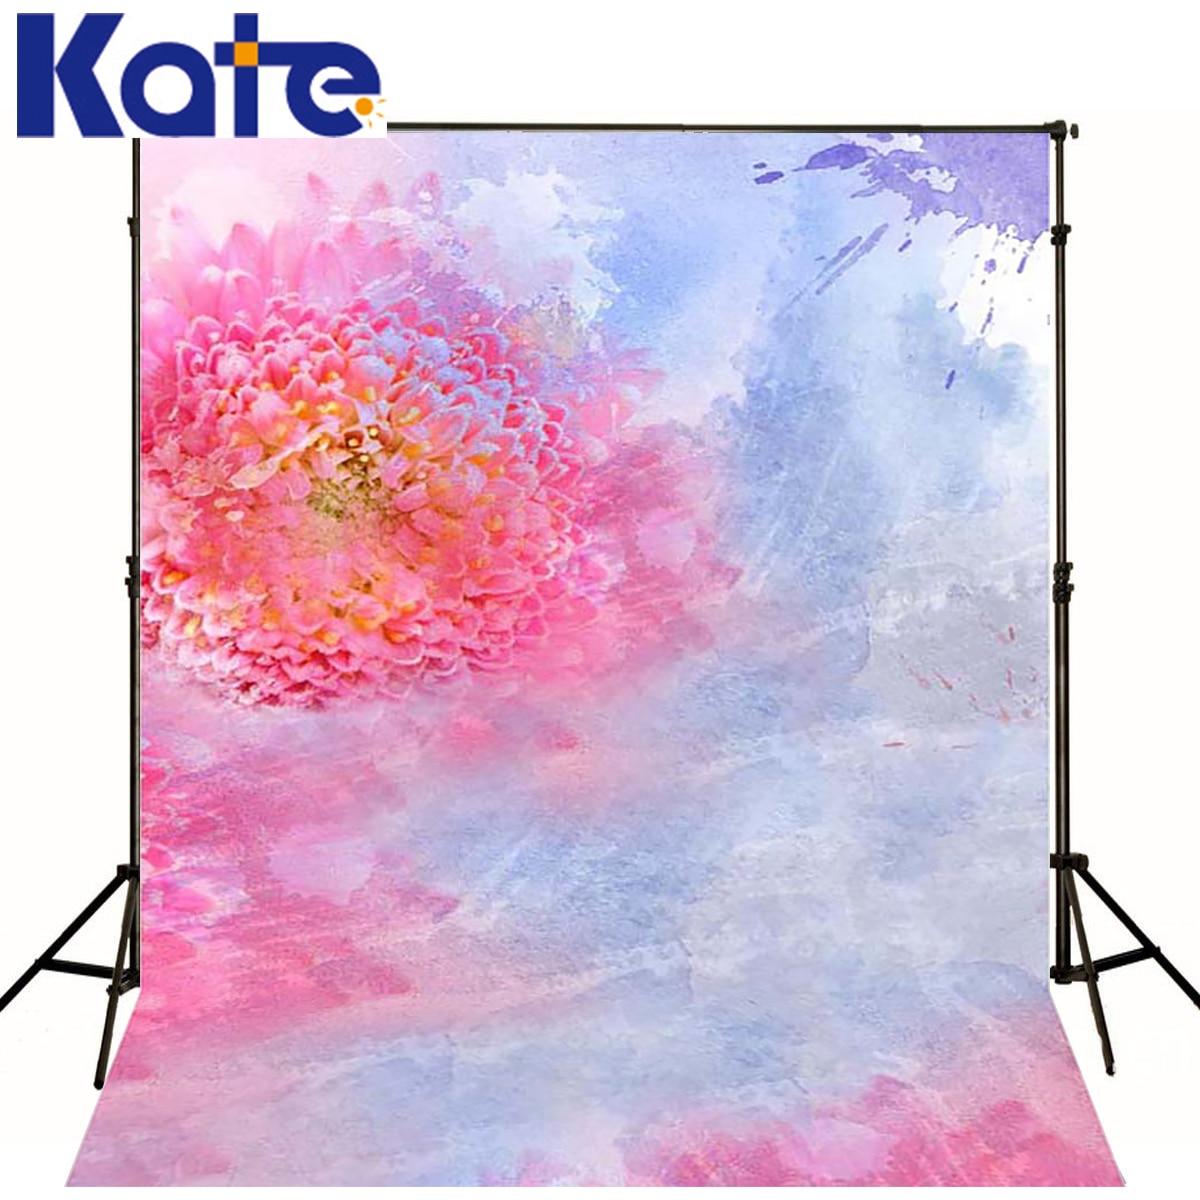 Kate 8x8tf Nouveau-Né Fond Bokeh Peinture Toile Printemps Floral Toile de Fond Pour La Photographie Photo Studio